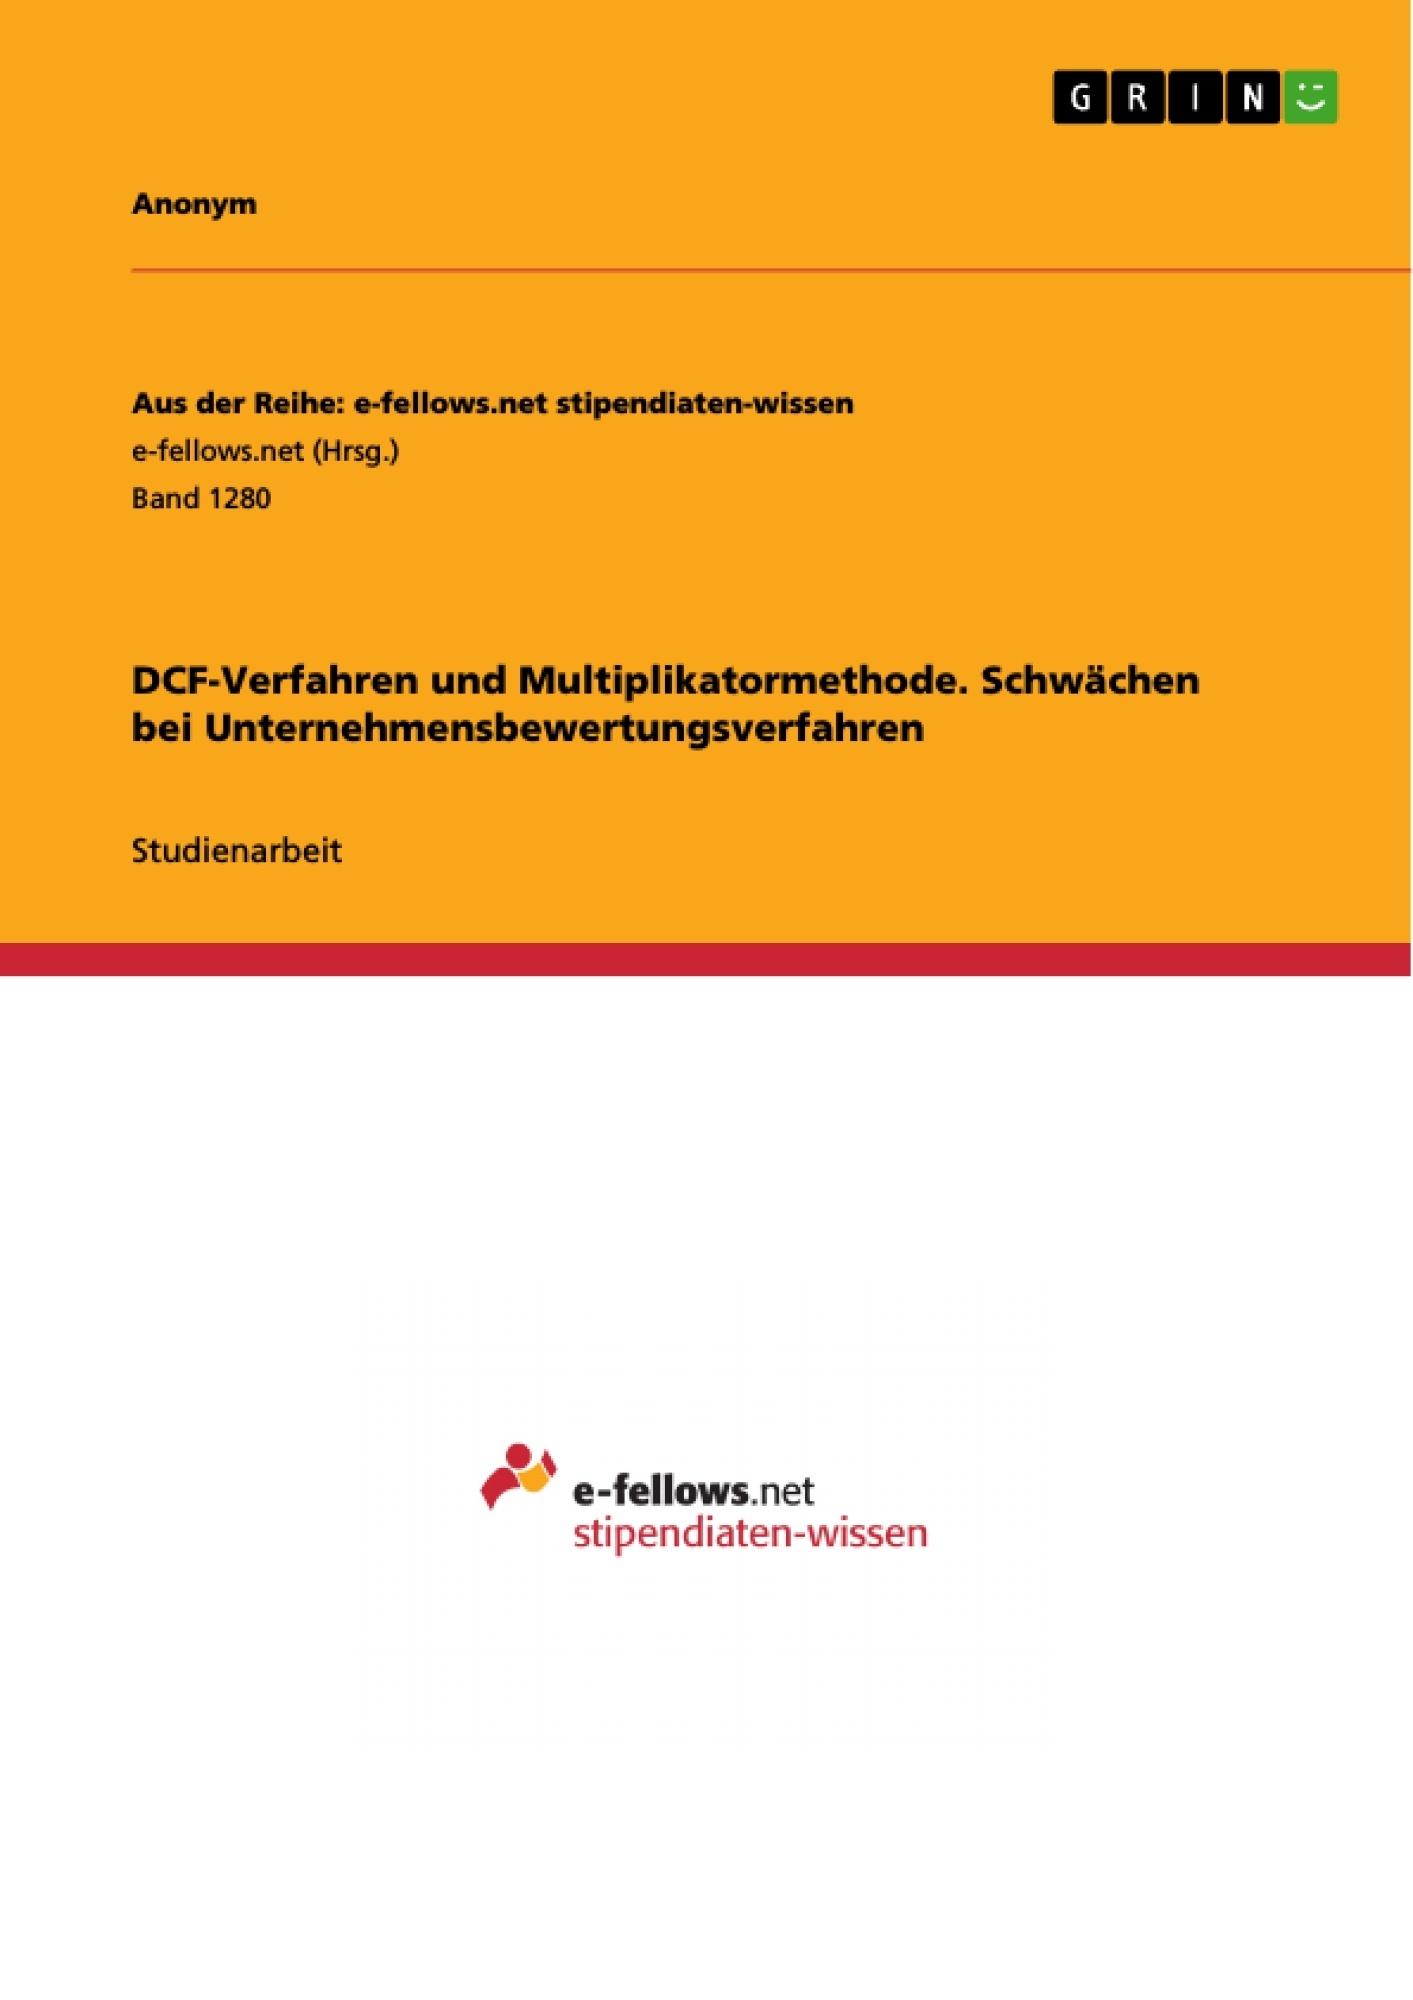 Titel: DCF-Verfahren und Multiplikatormethode. Schwächen bei Unternehmensbewertungsverfahren